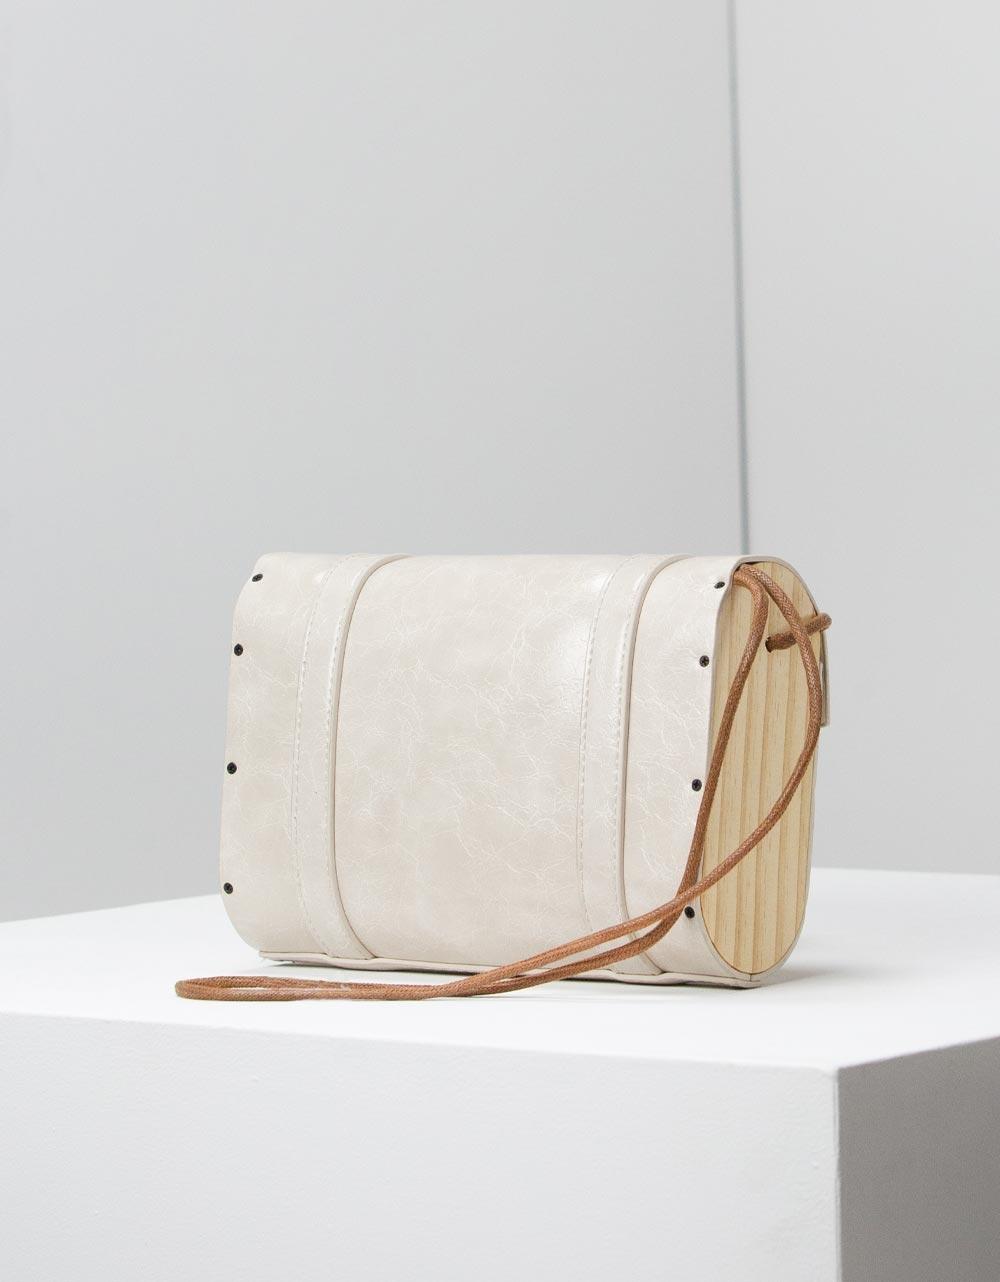 Εικόνα από Γυναικεία τσάντα ώμου με διακοσμητικά λουράκια Πάγου